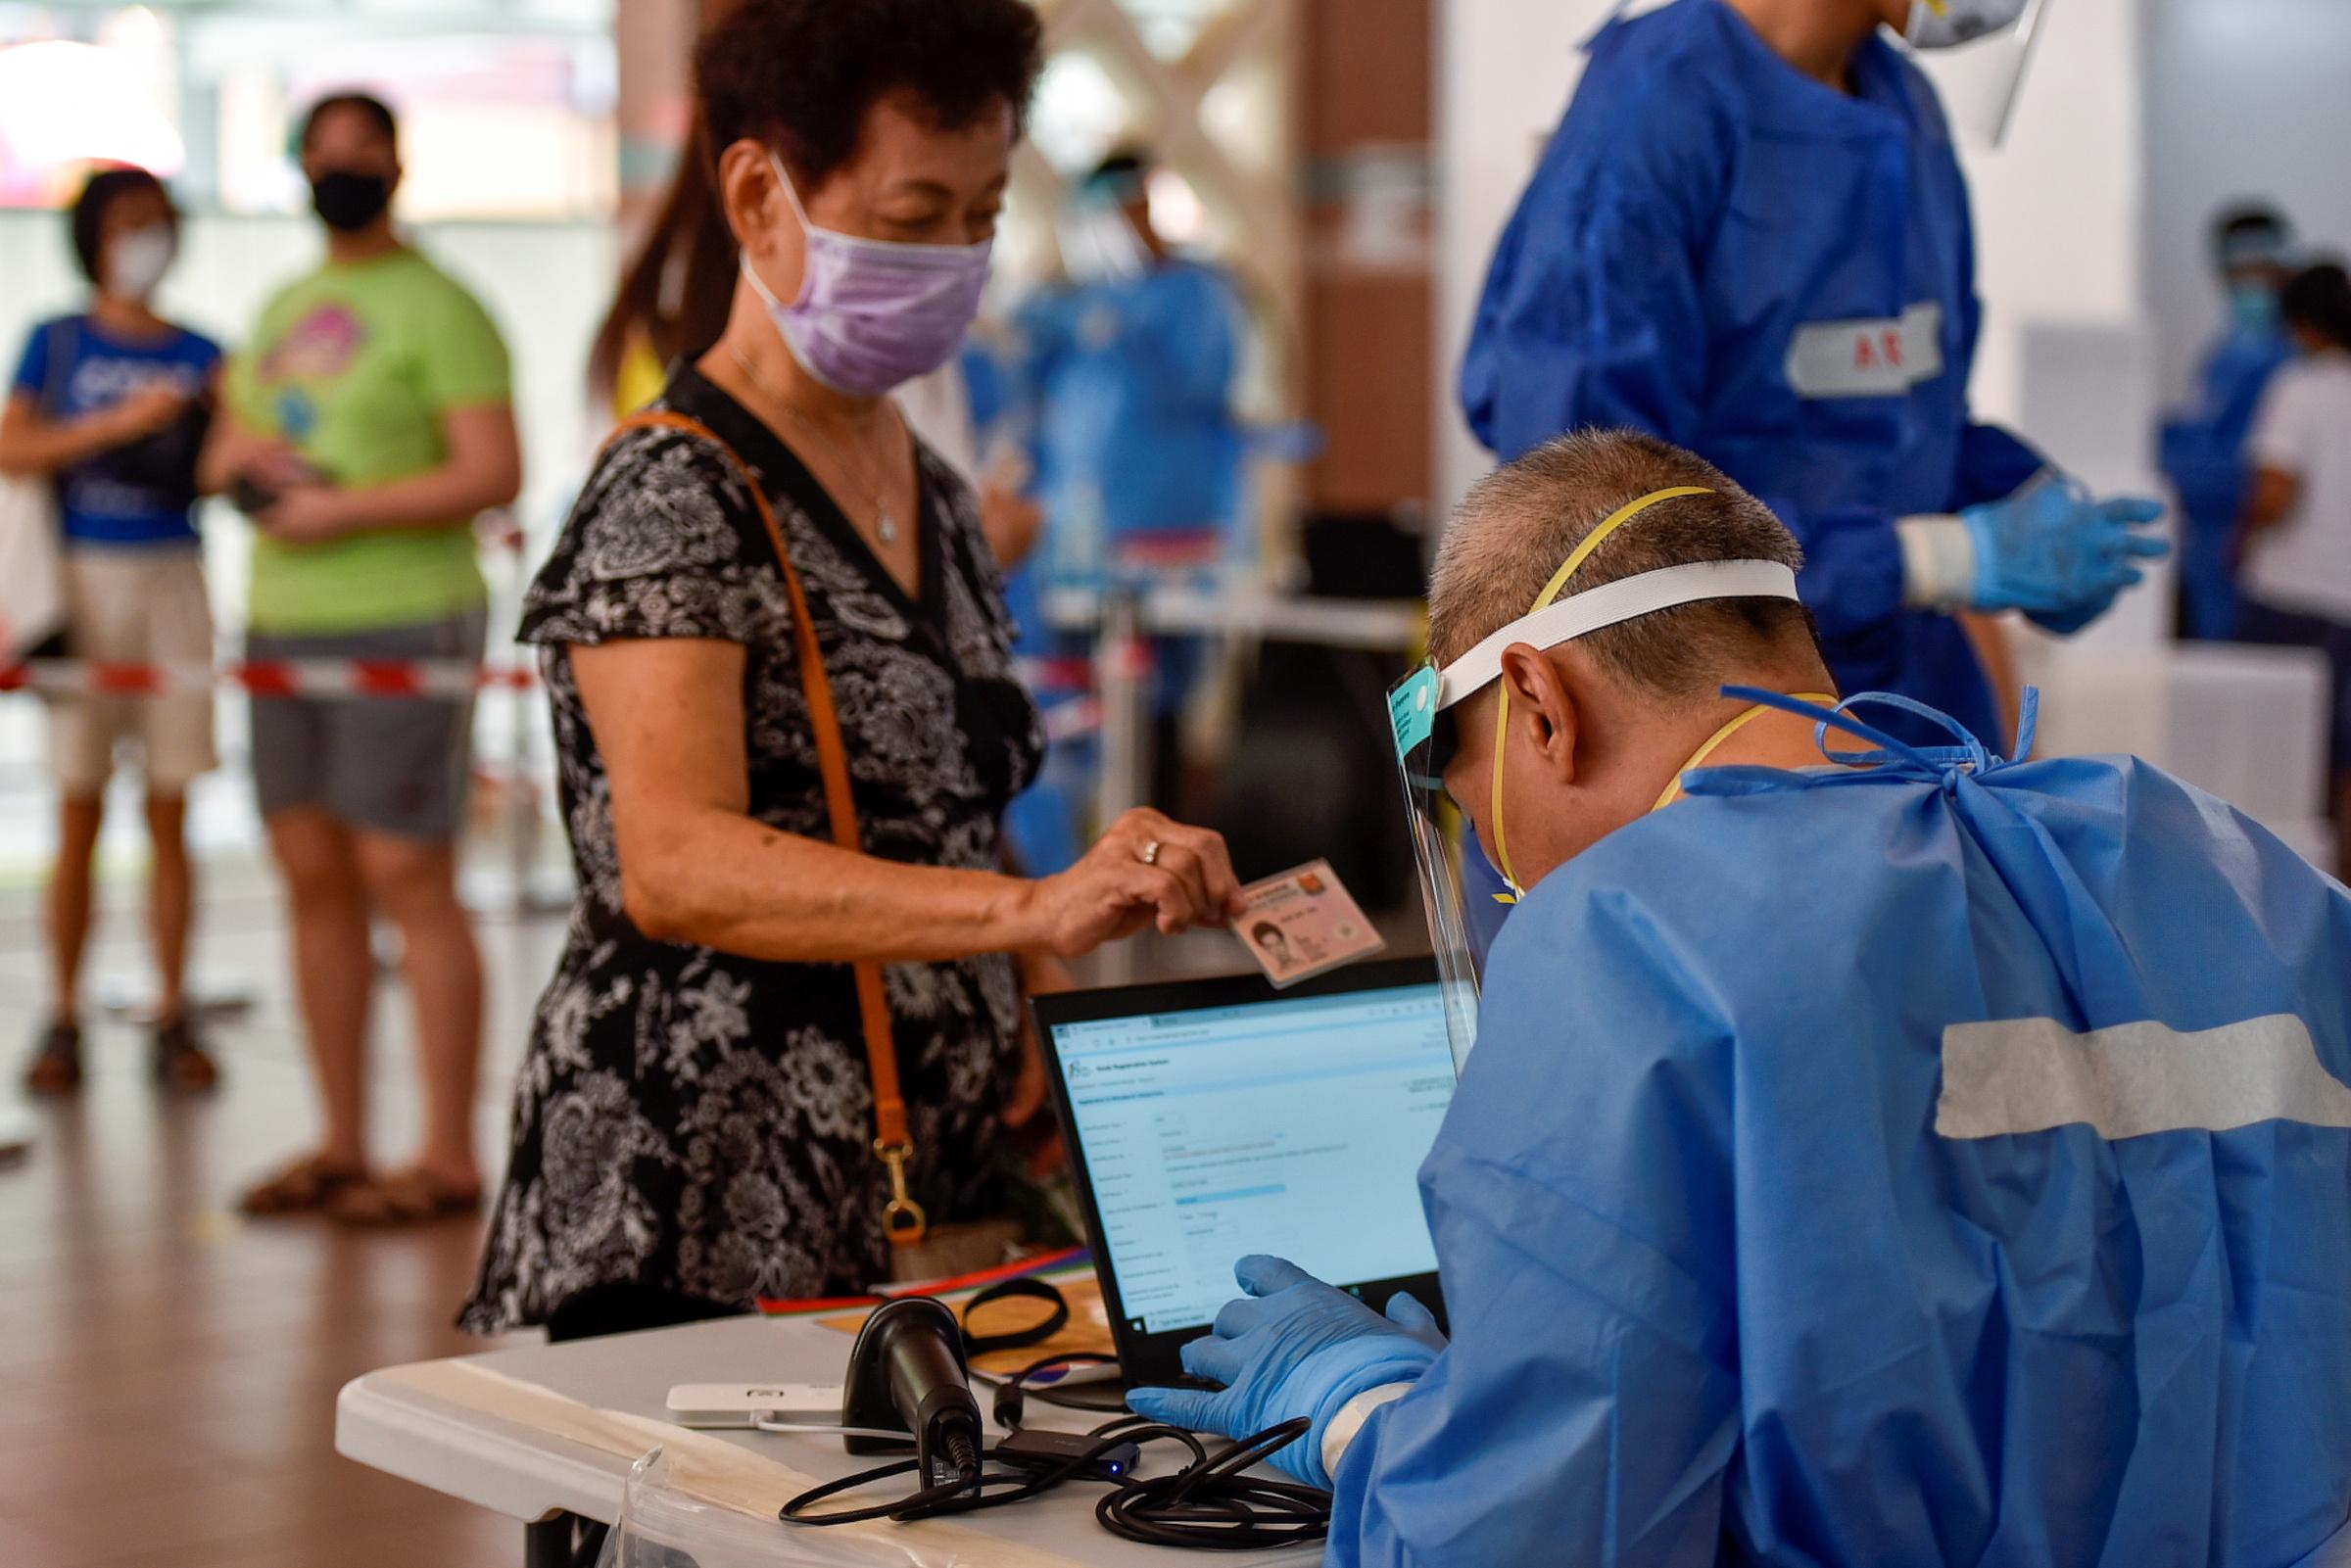 Nhân viên y tế Singapore kiểm tra thông tin của một người tới xét nghiệm nCoV ngày 16/6. Ảnh: Reuters